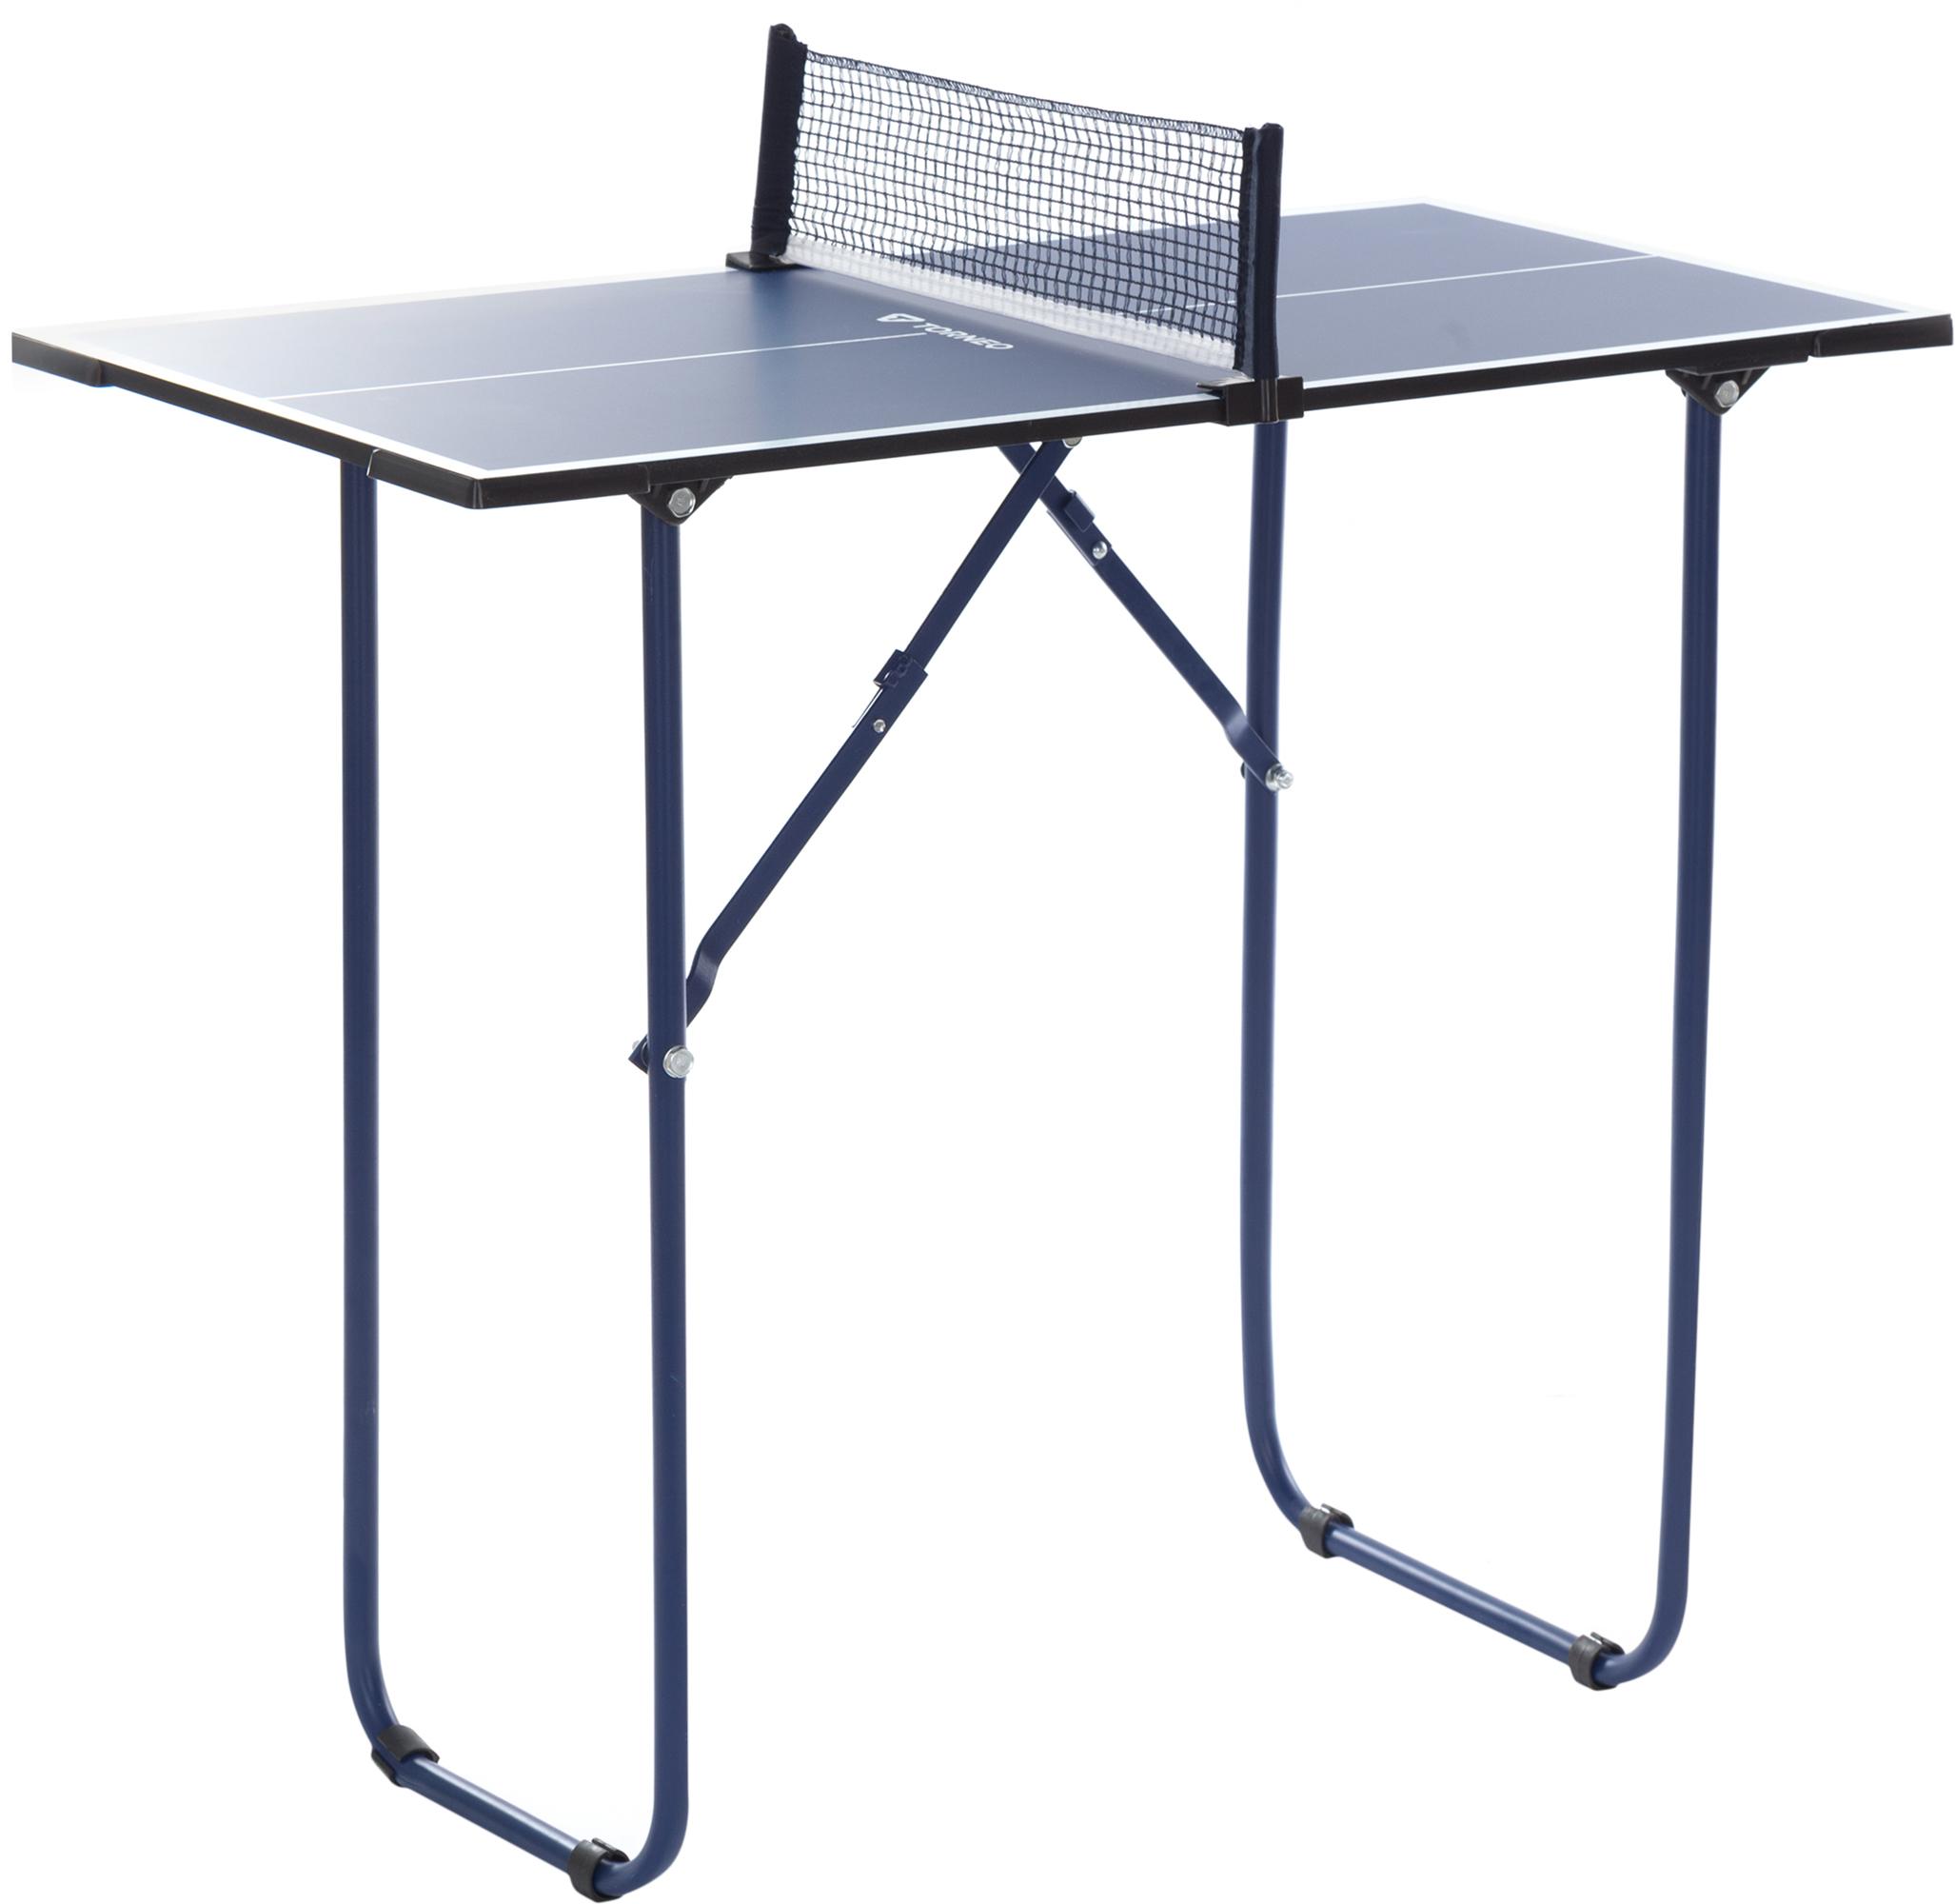 Torneo Теннисный мини-стол для помещений Torneo